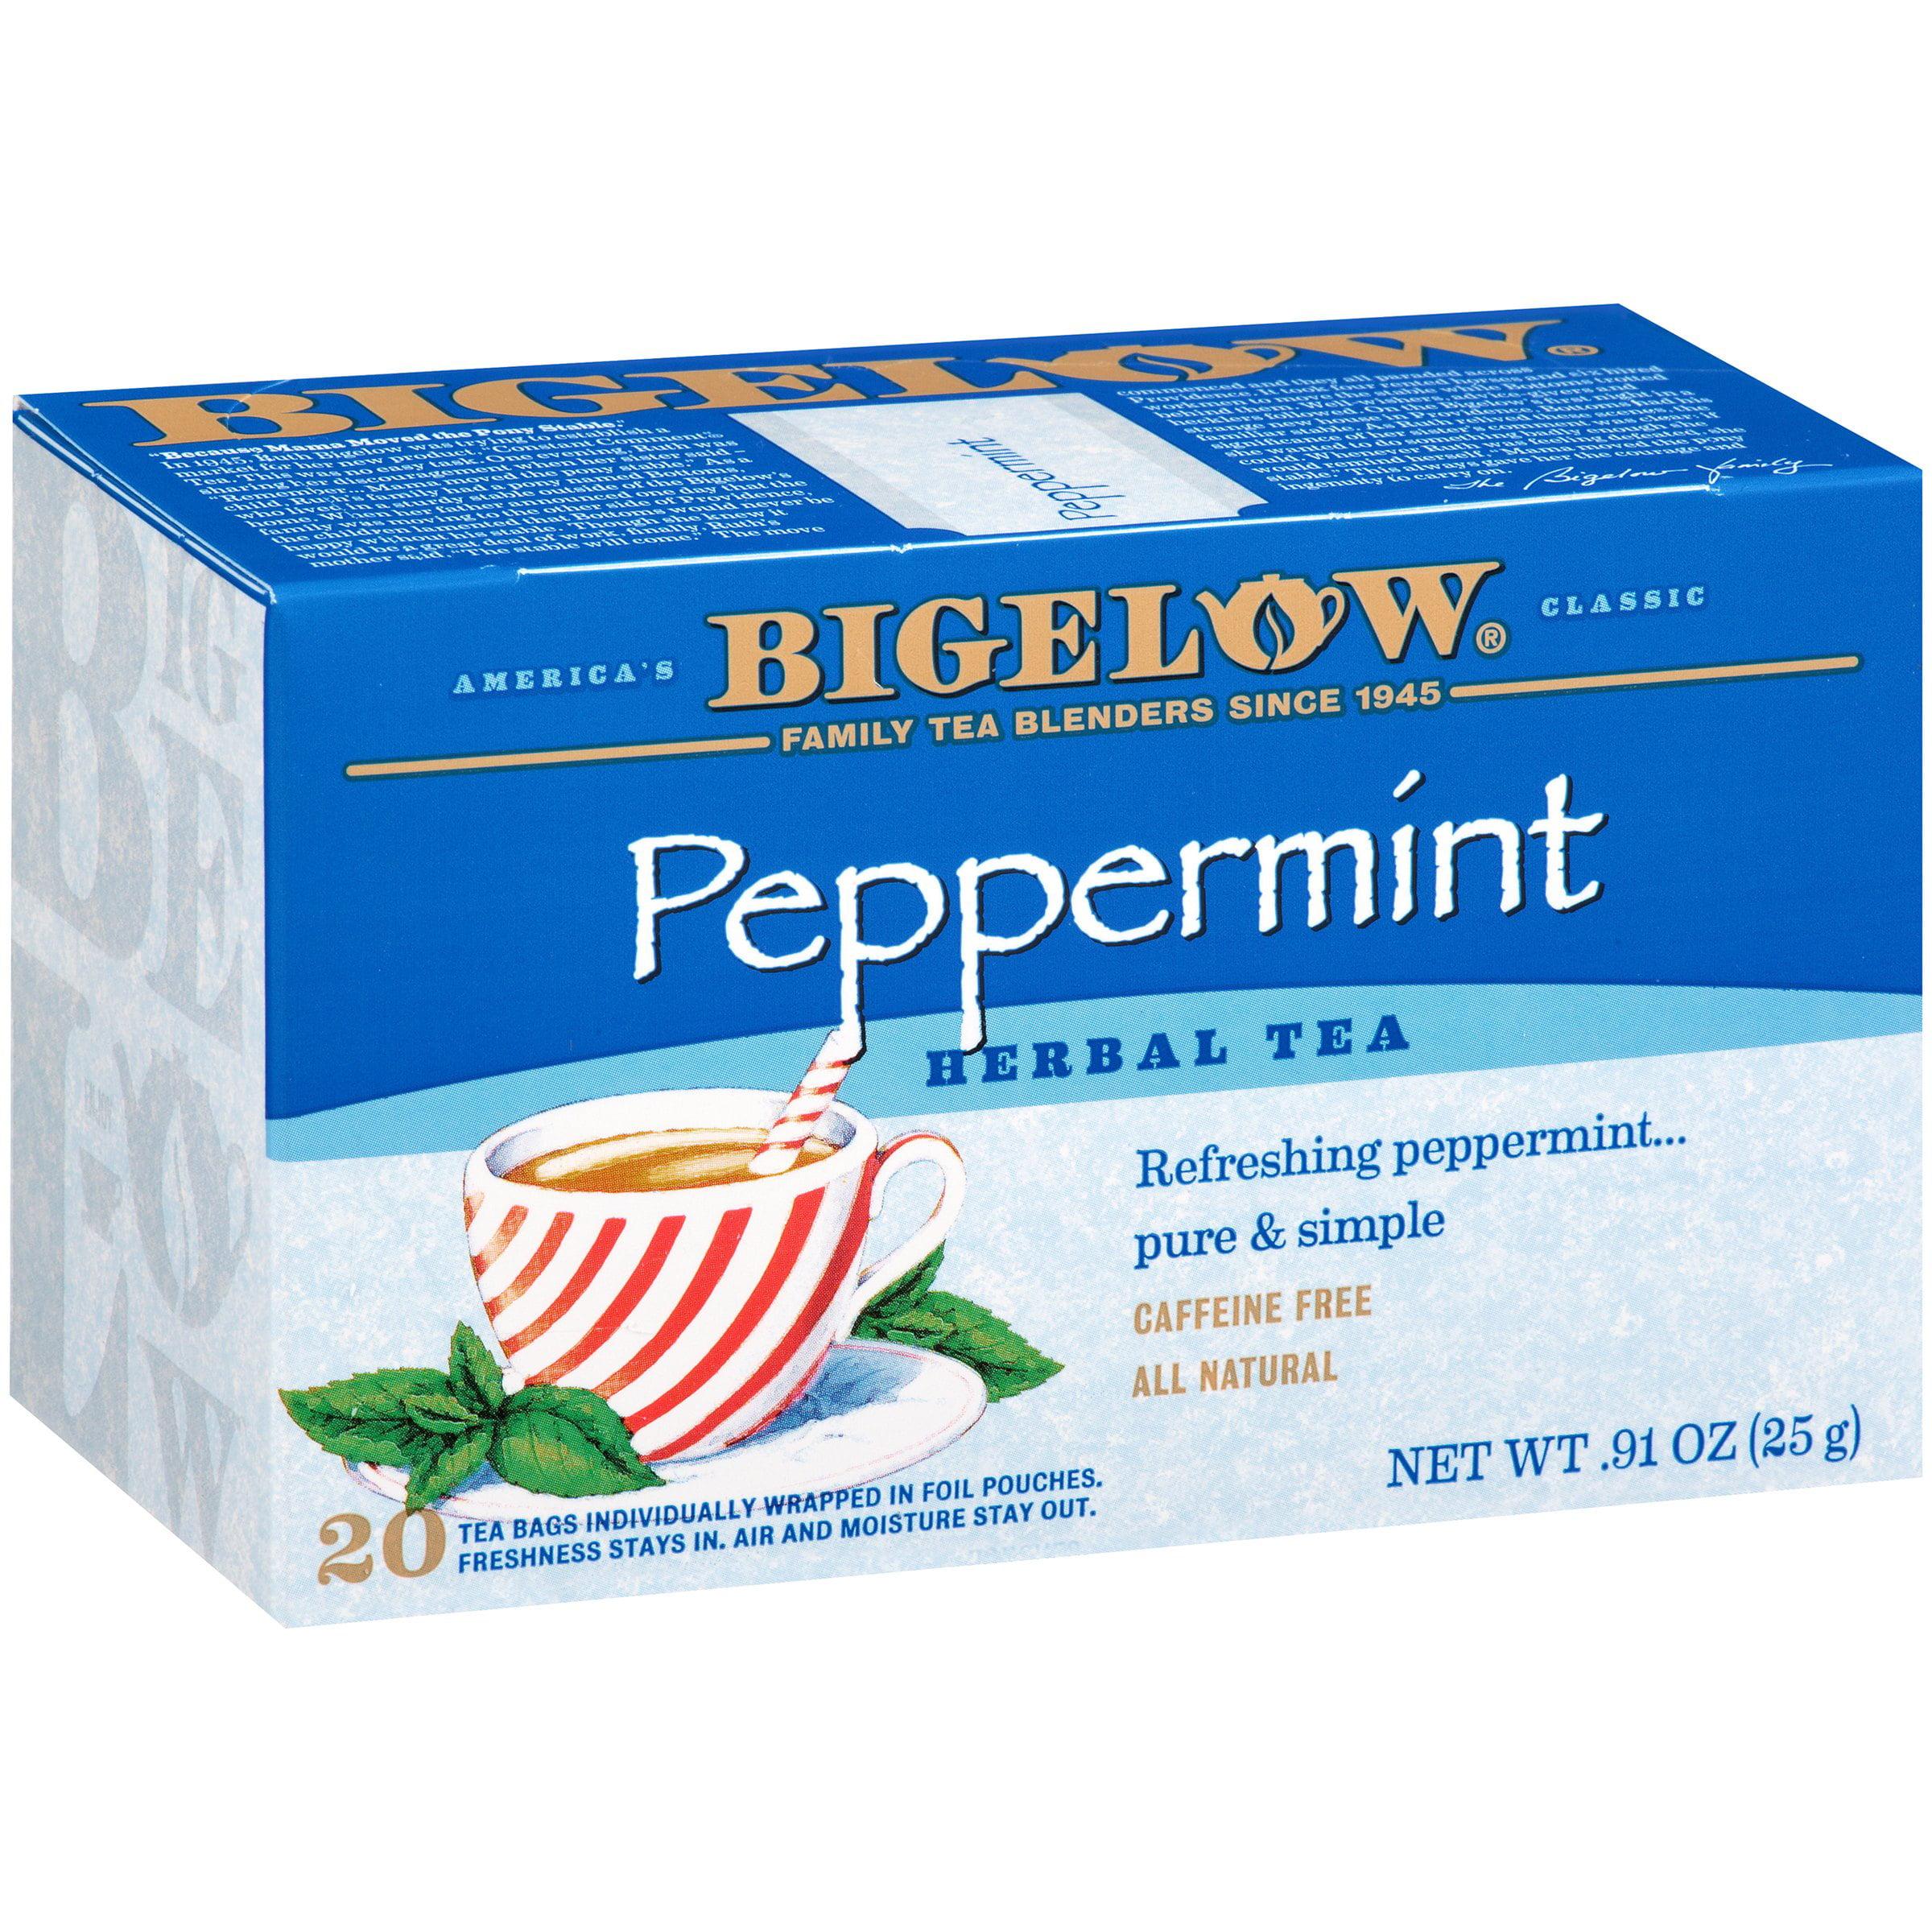 Bigelow Herbal Tea Bags Peppermint 20 CT by RC Bigelow, Inc.©